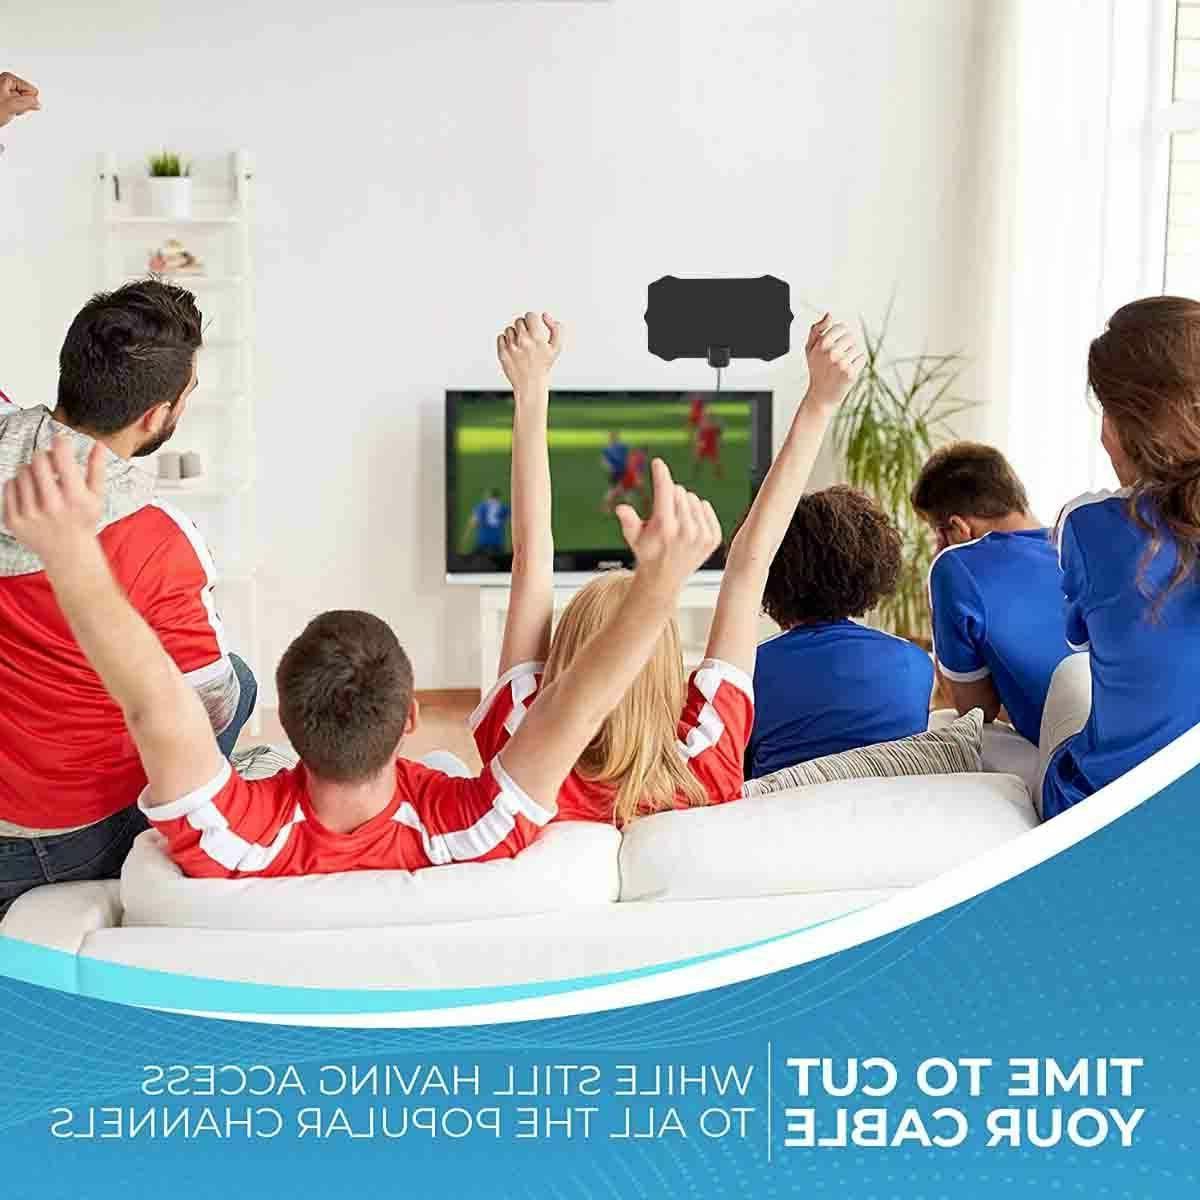 TV Digital TV Ultra Thin 980 Indoor 1080P